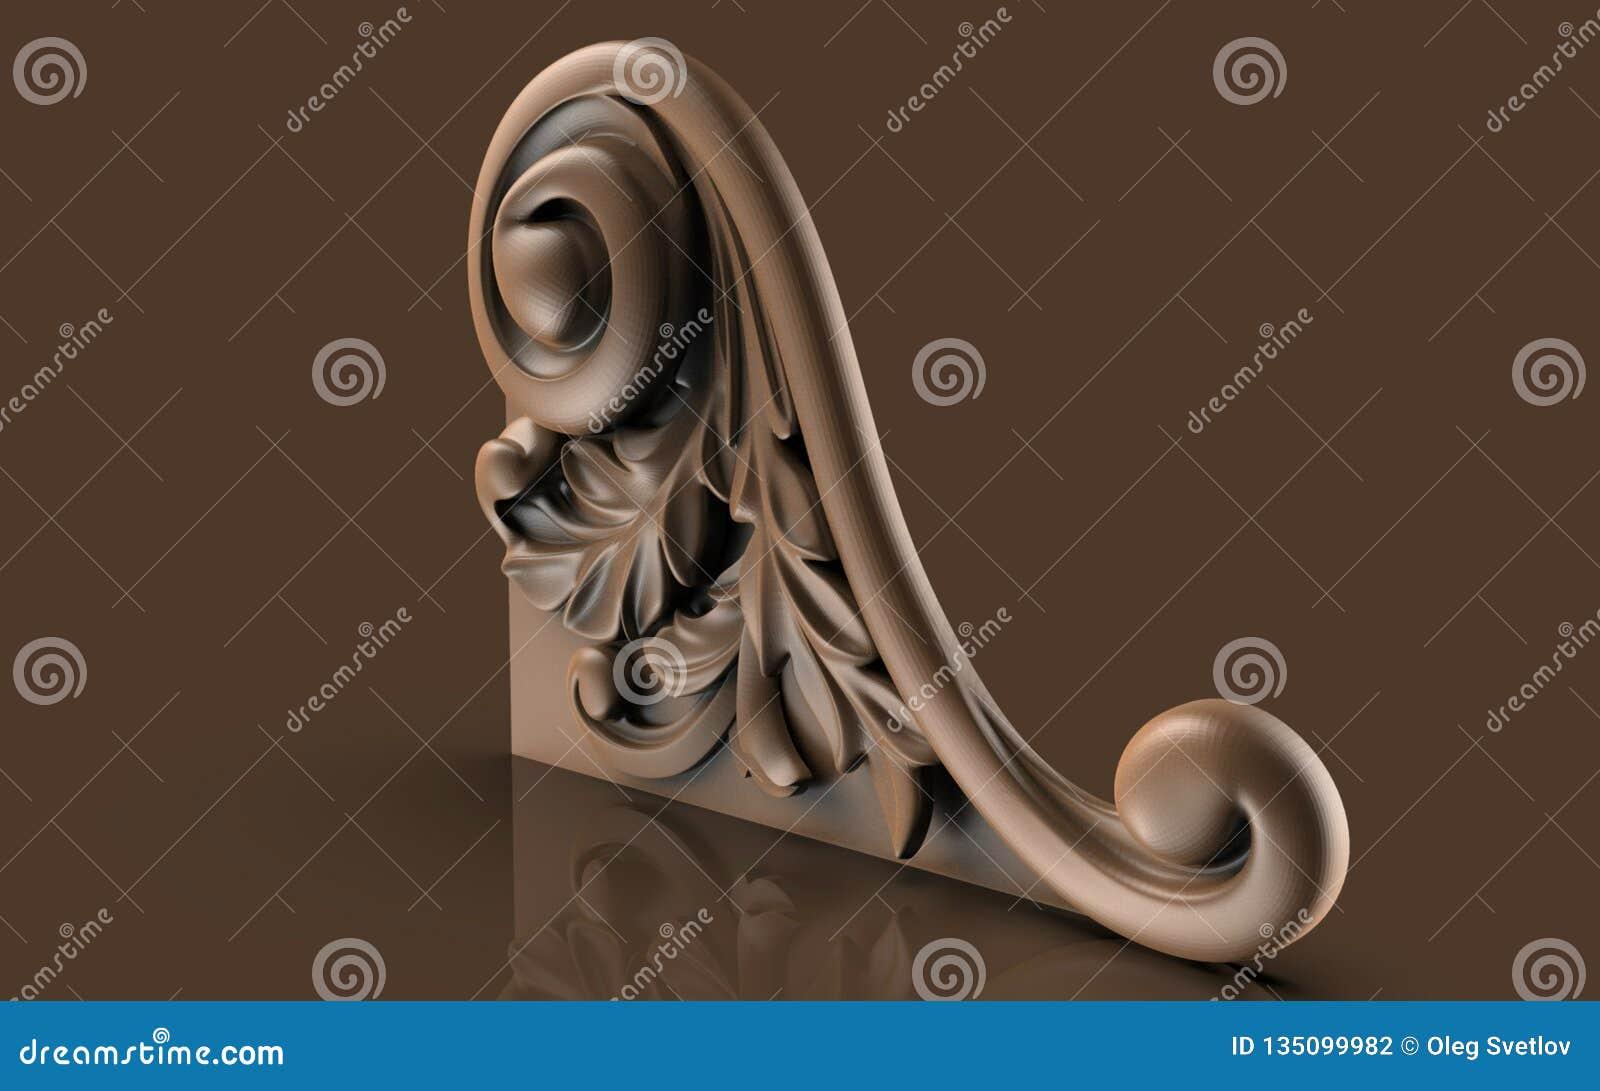 Modeller för arkitektonisk inredesign, konstnär, textur, grafisk design, arkitektur, illustration, symbol, rikedom, medicin,